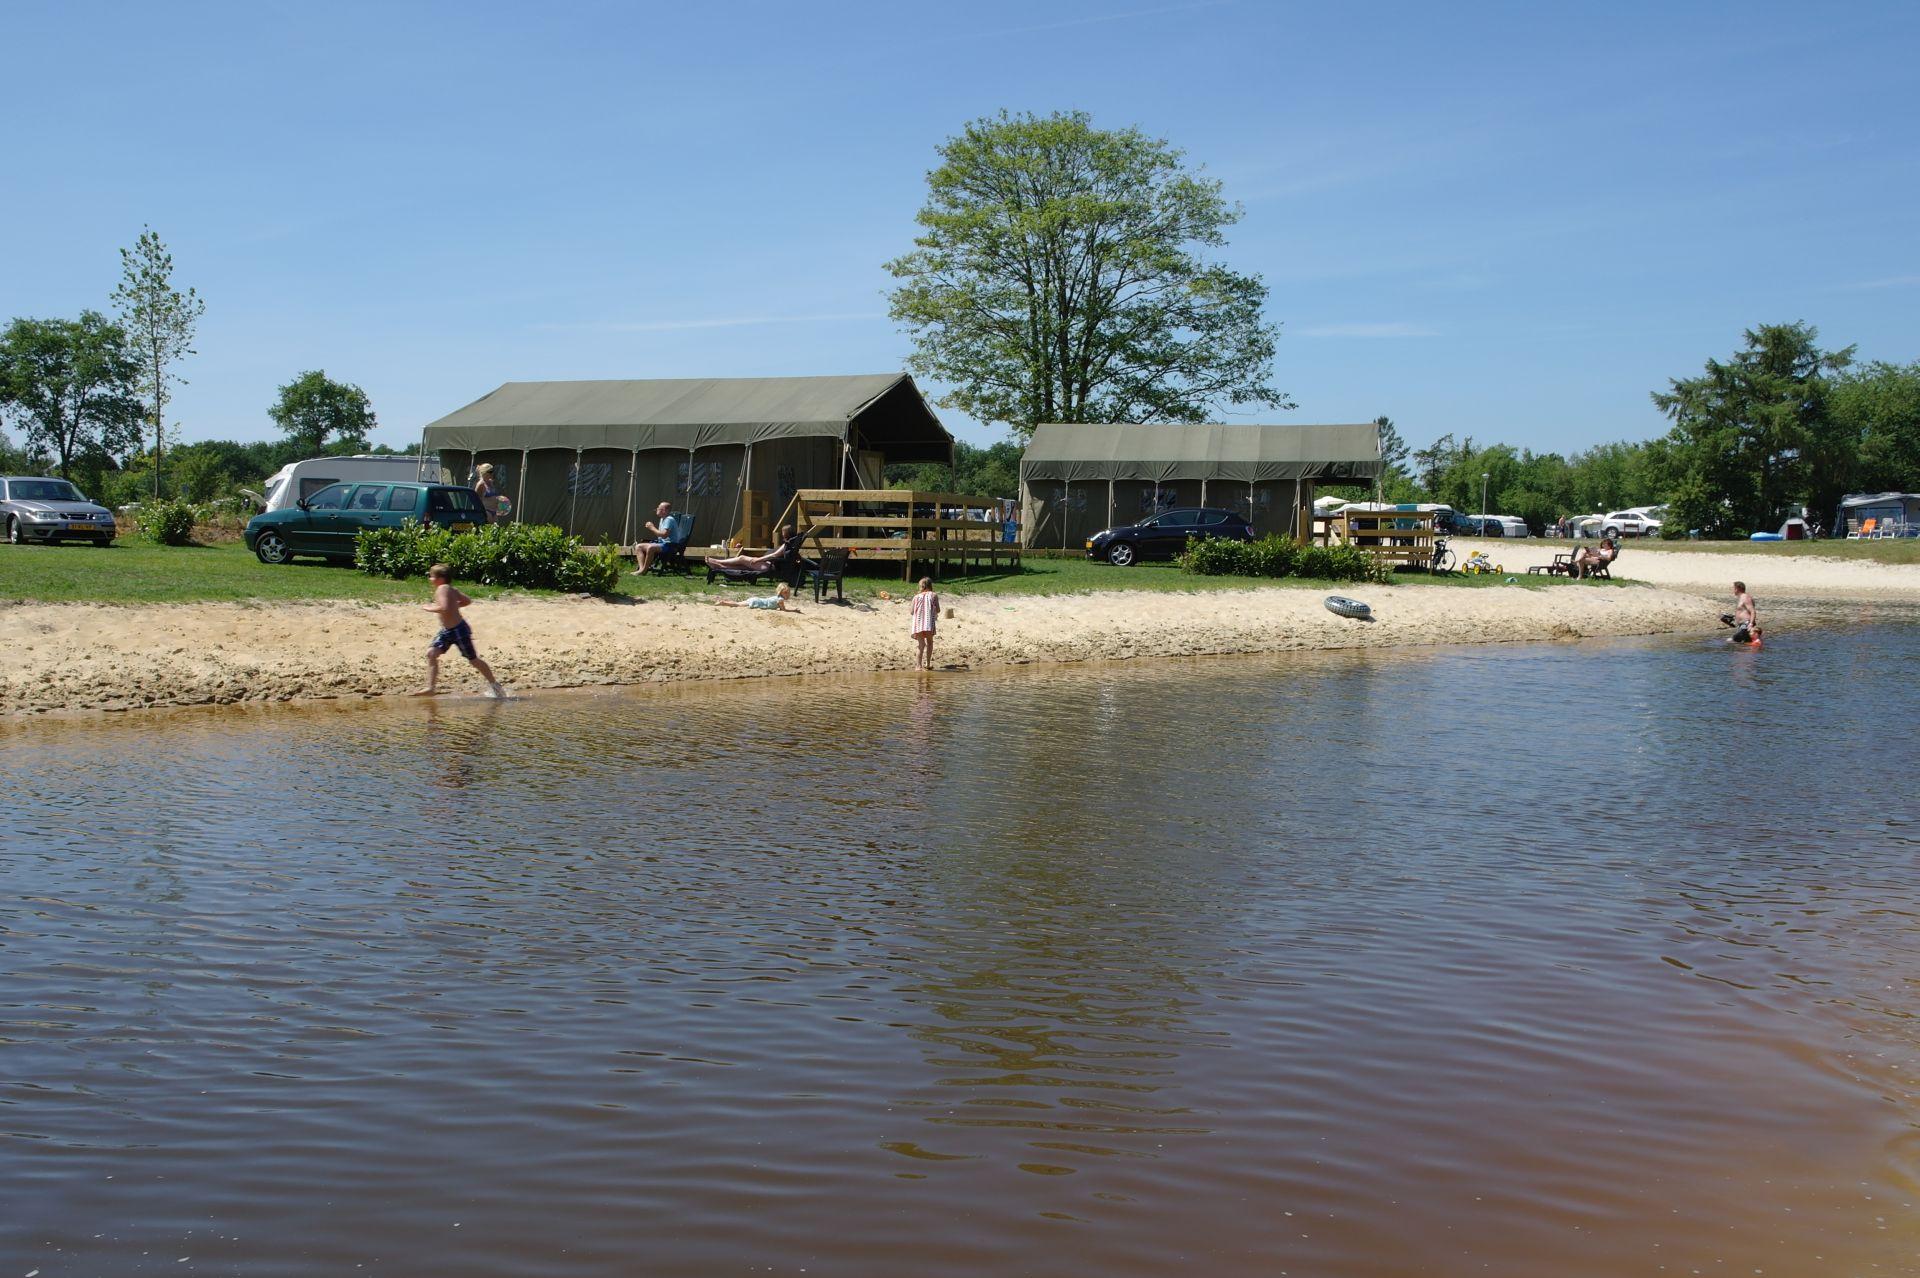 Kampeertent huren in augustus op Vakantiepark het Stoetenslagh - Prachtige kampeertent huren in augustus